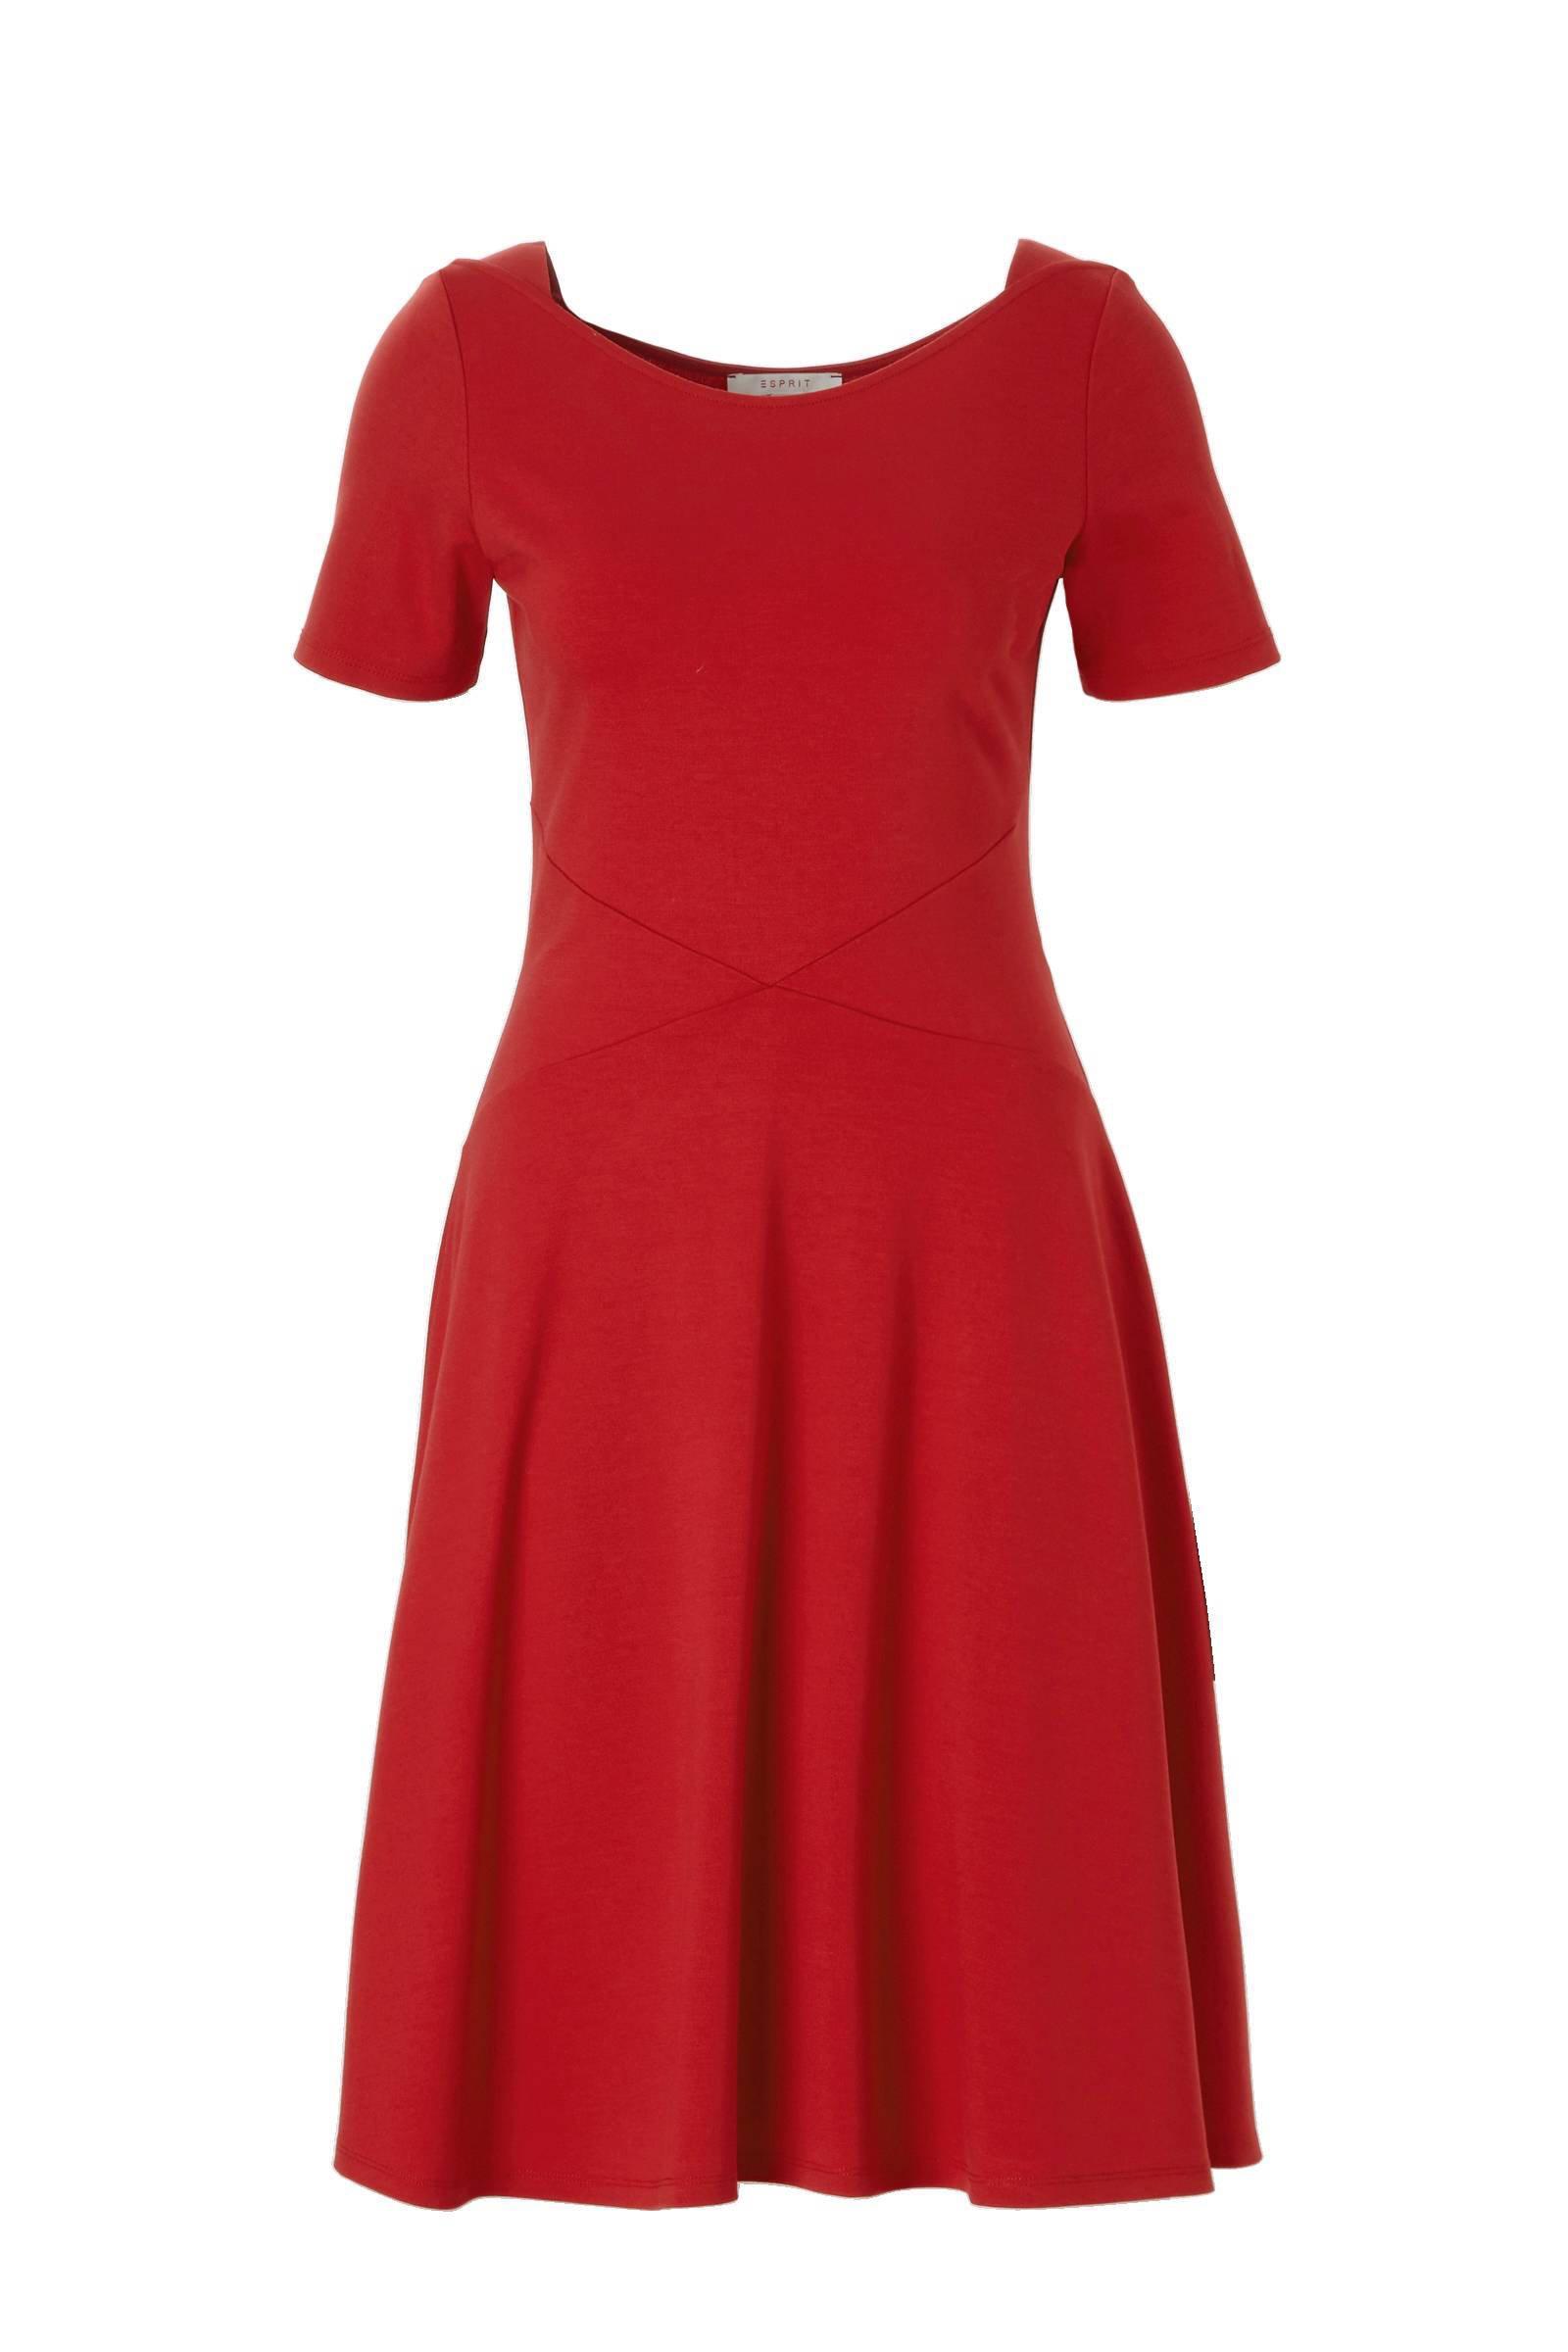 esprit jurk rood